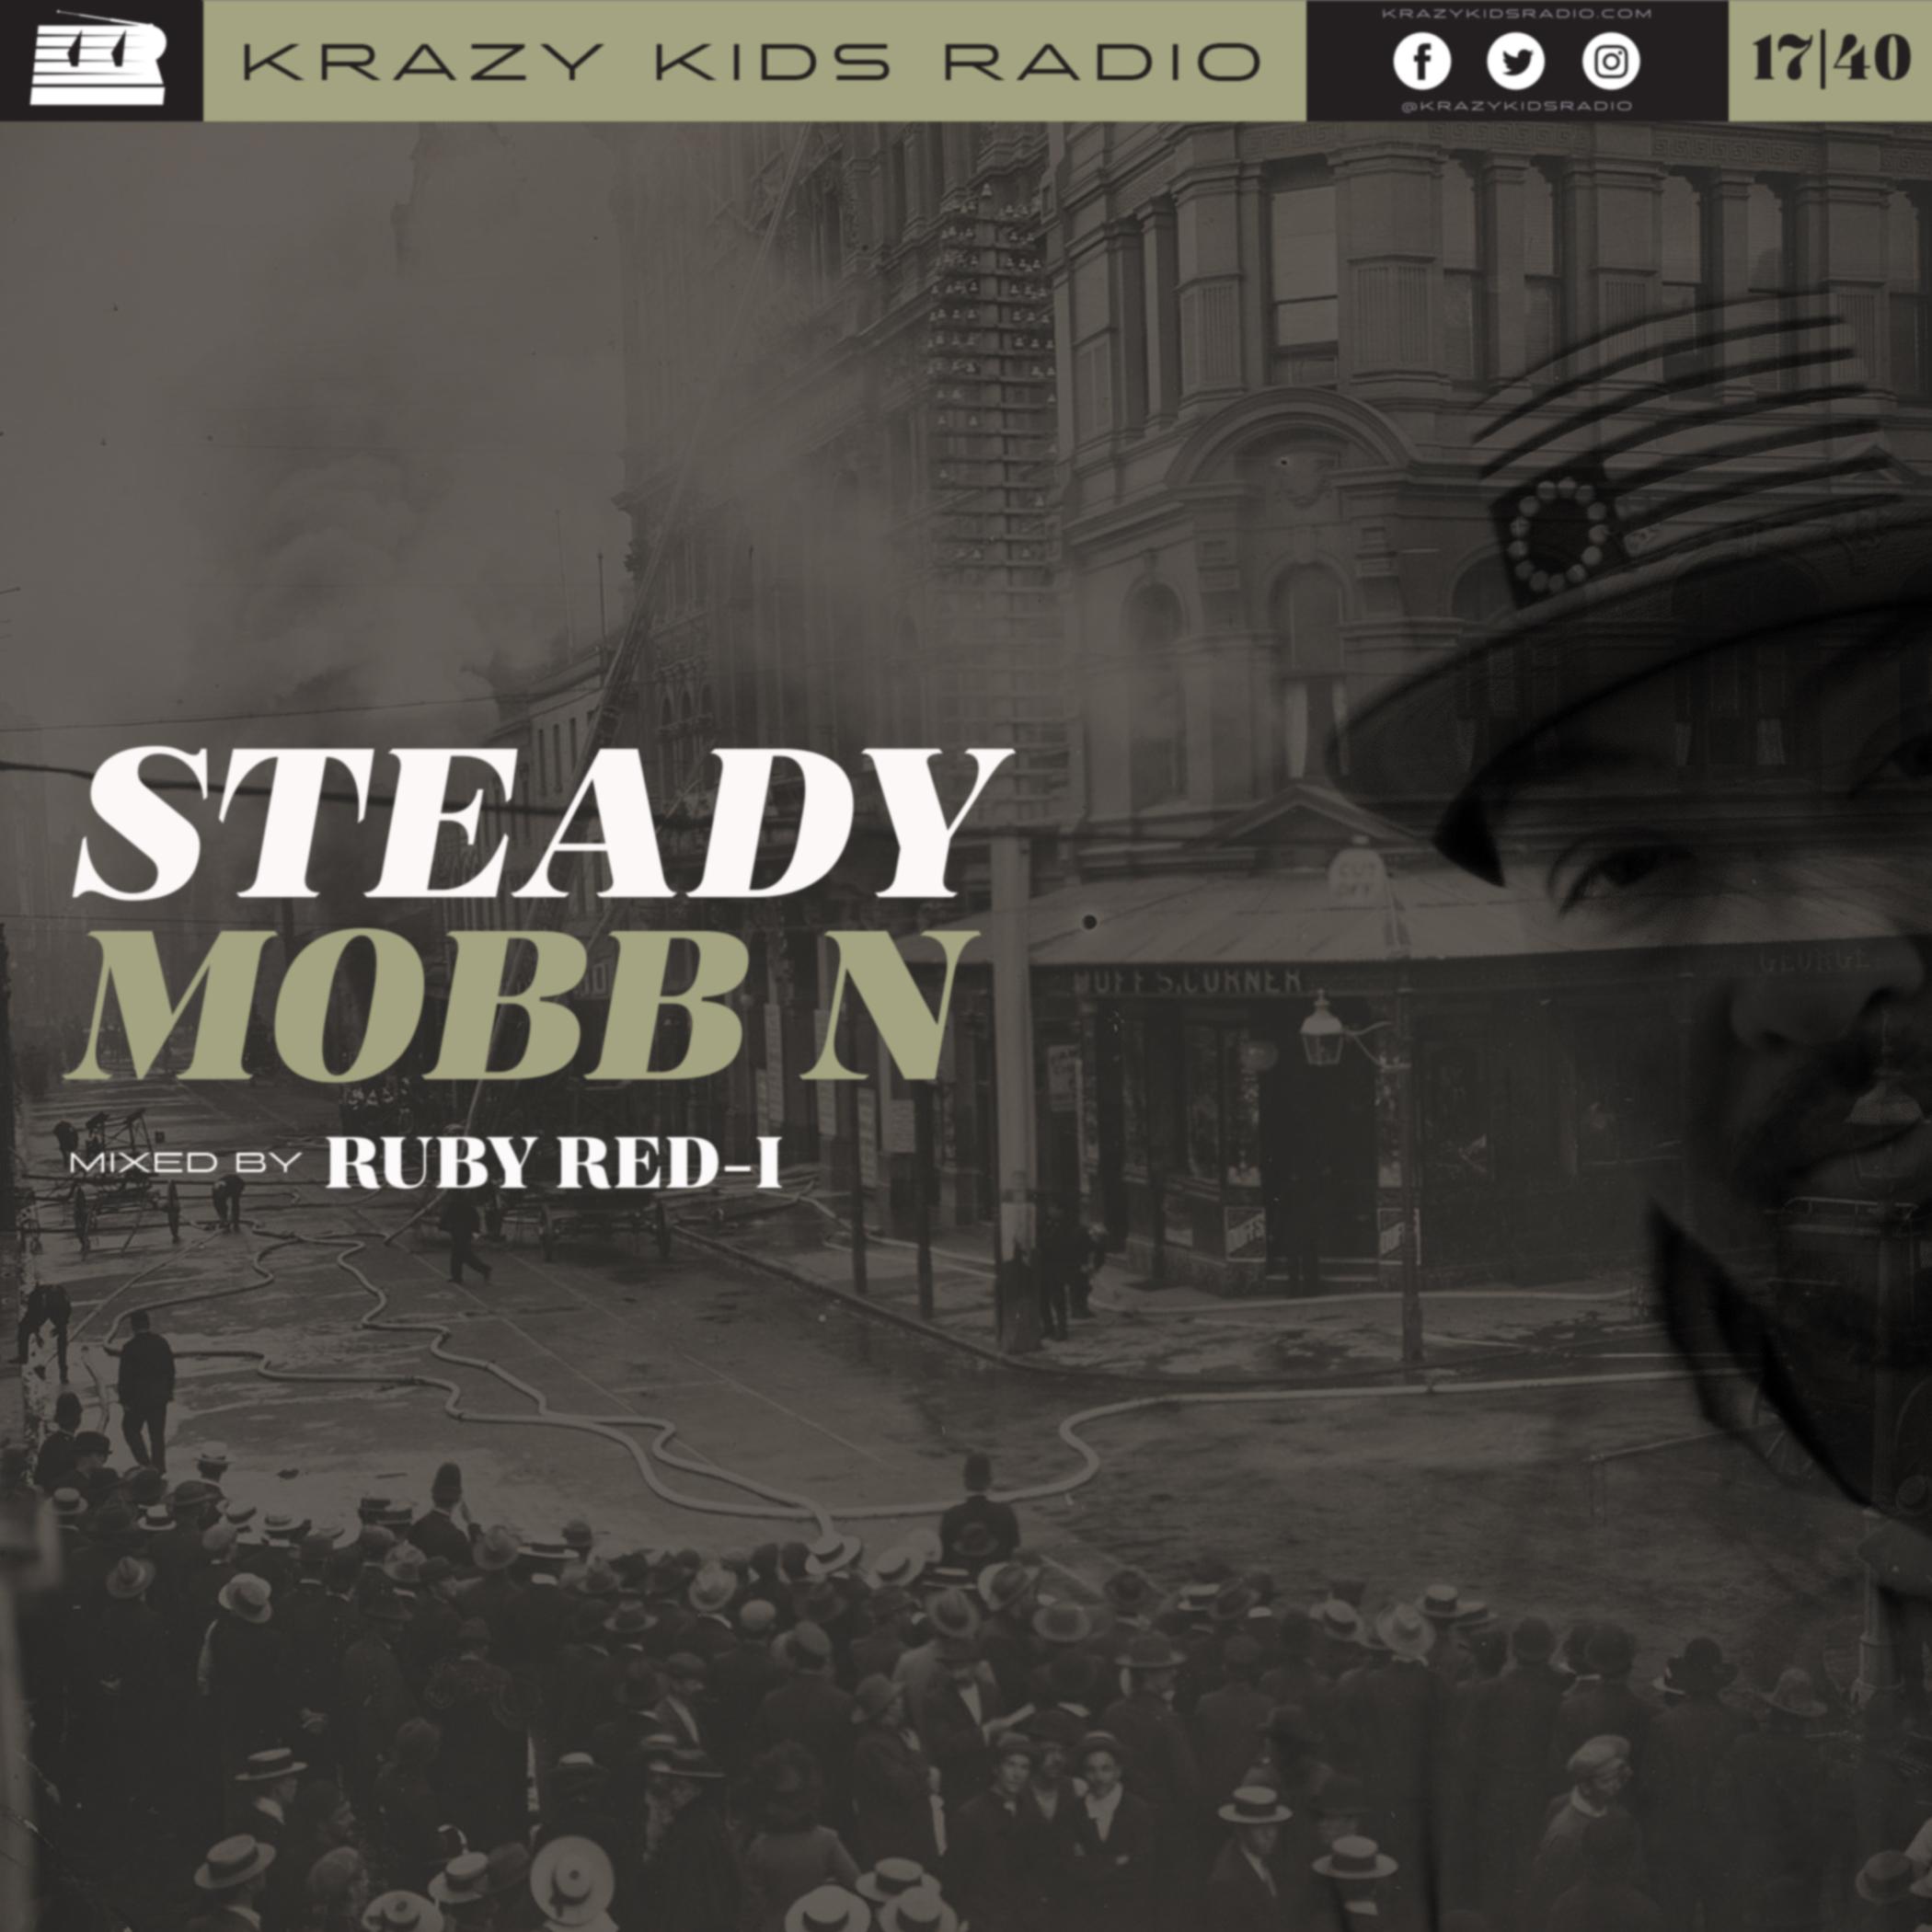 KKR_STEADY-MOBBN.jpg